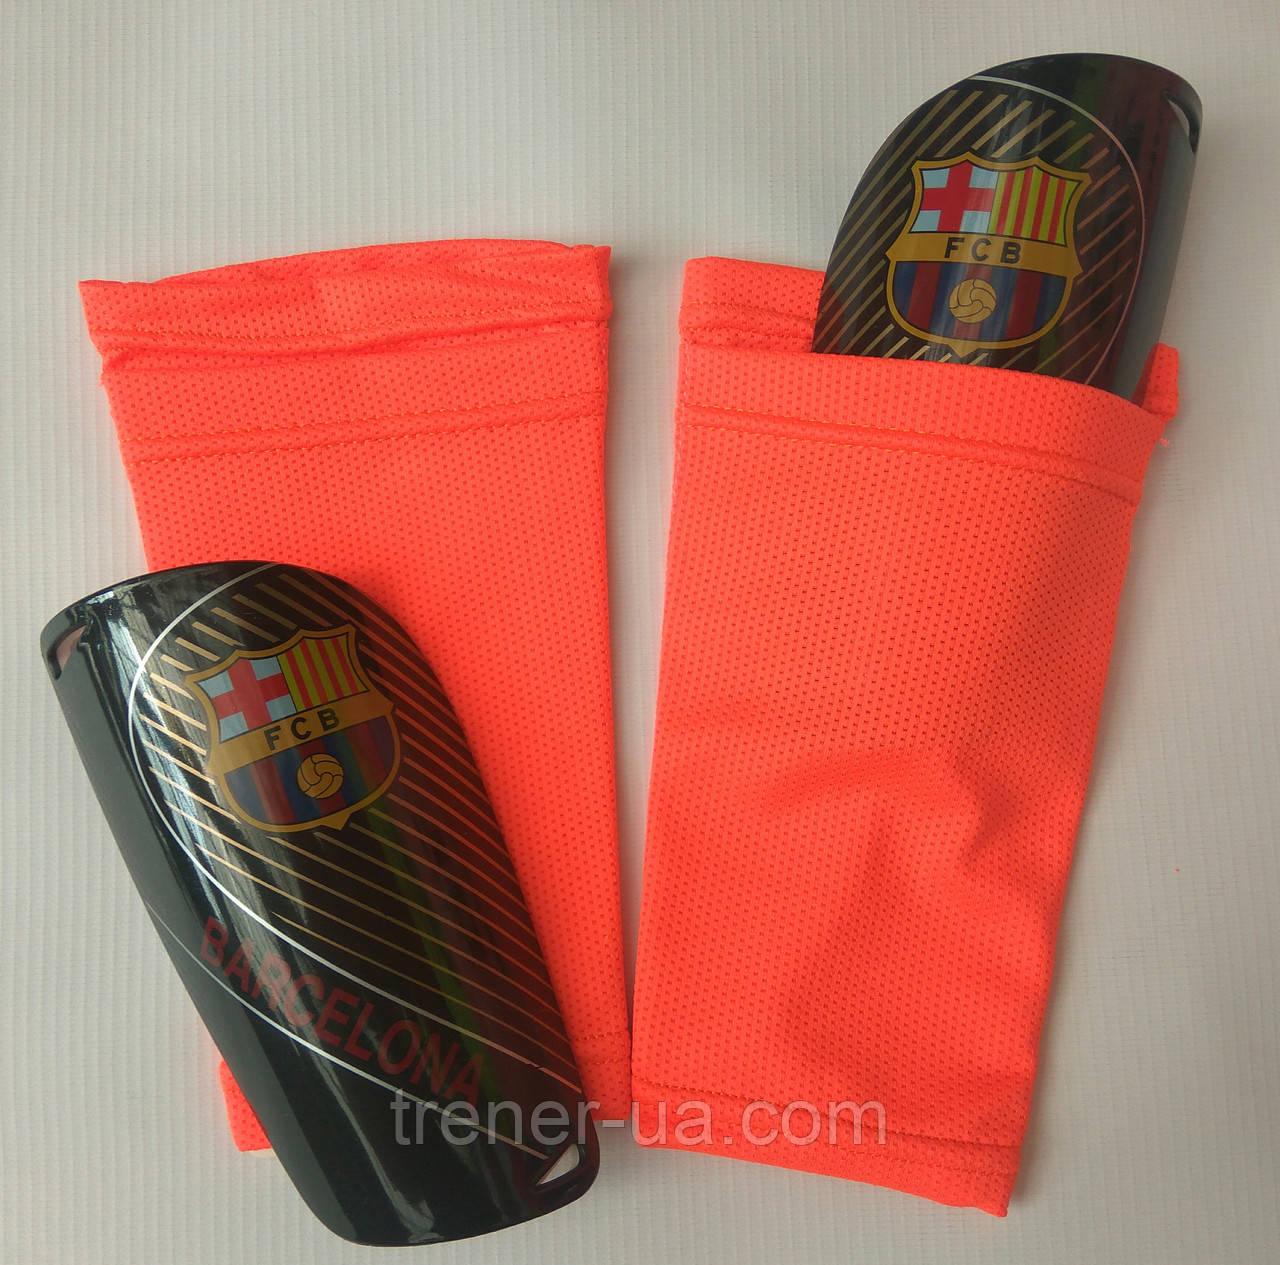 Щитки футбольные с чулком/щитки футбольные Barcelona/щитки пластиковые накладки с чулком/футбол/тейпы/